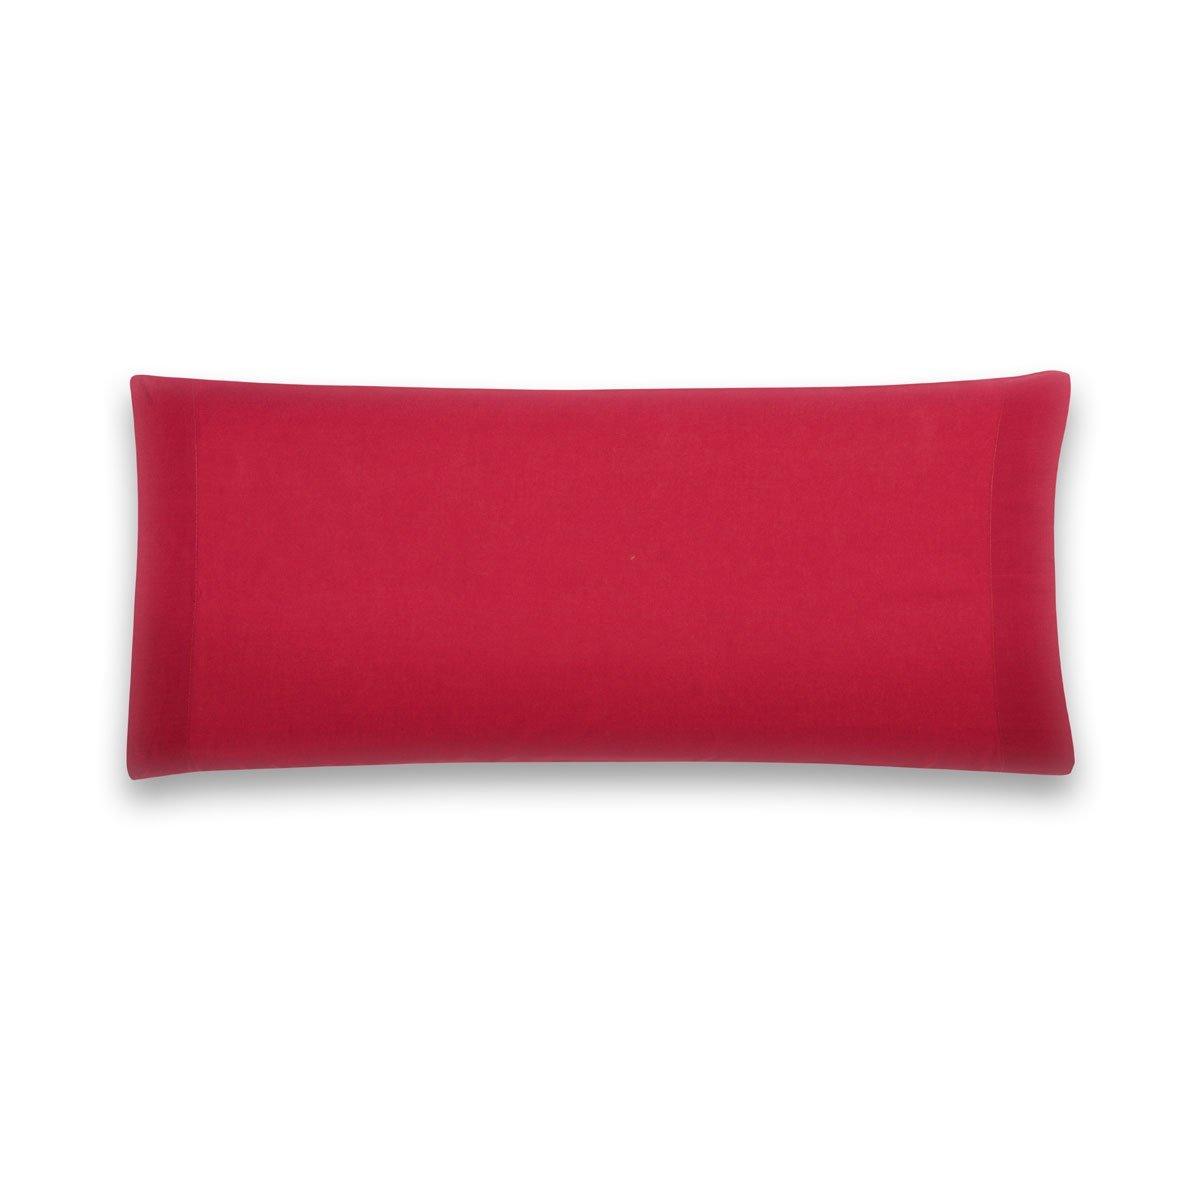 Sancarlos - Funda de almohada para cama, 100% Algodón percal, Color rosa, Cama de 90 cm: Amazon.es: Hogar